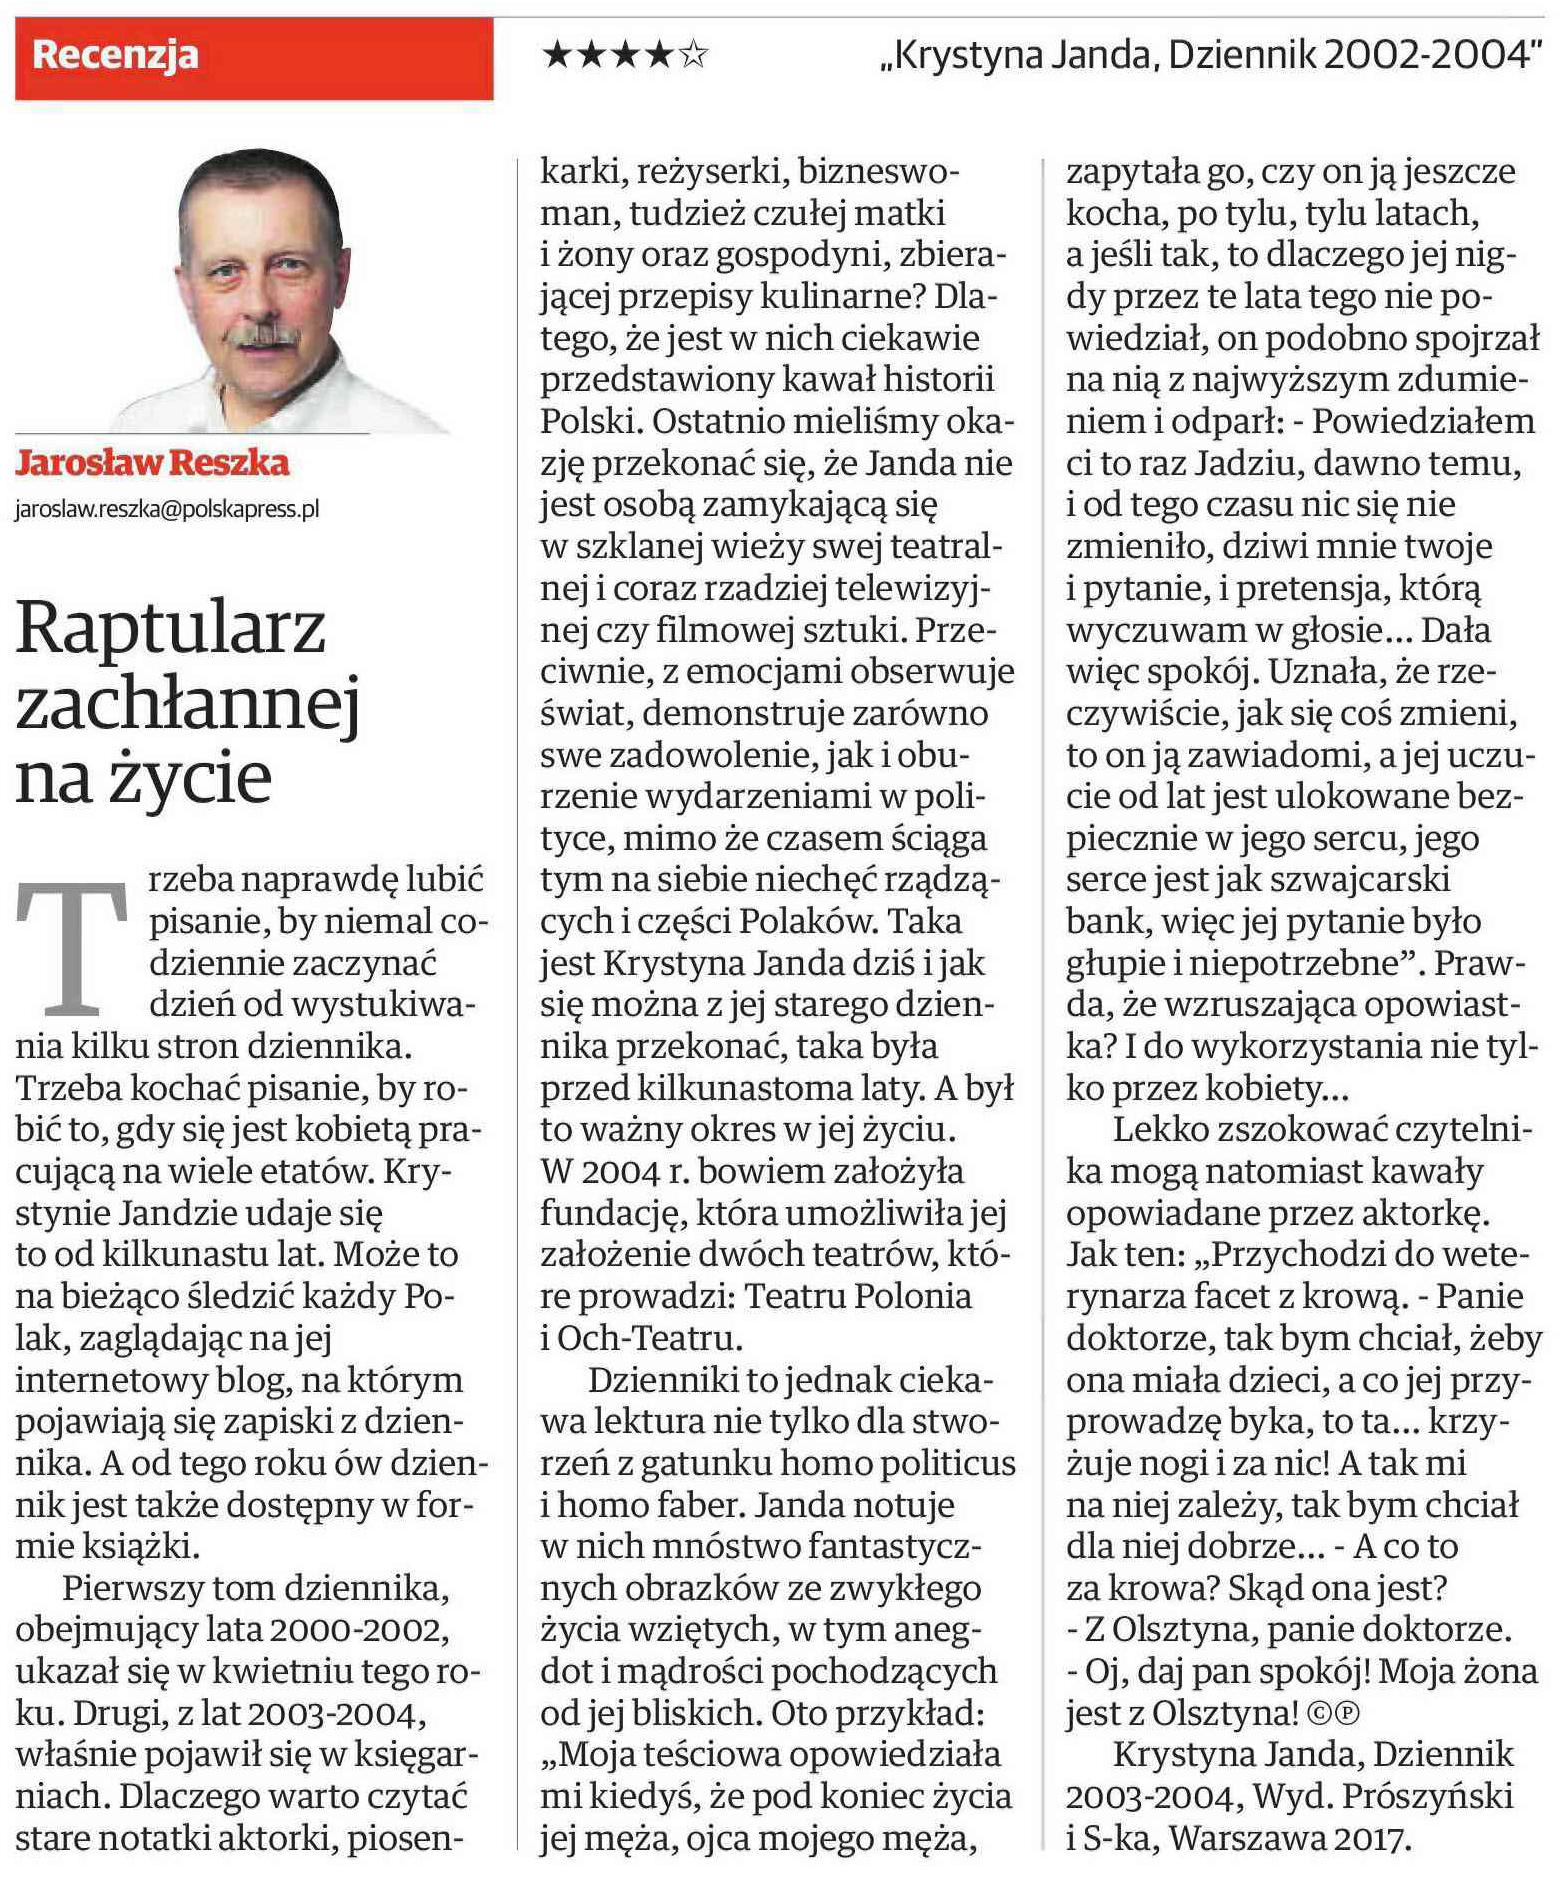 Raptularz Zachlannej Na Zycie Krystyna Janda Dziennik 2003 2004 Krystyna Janda